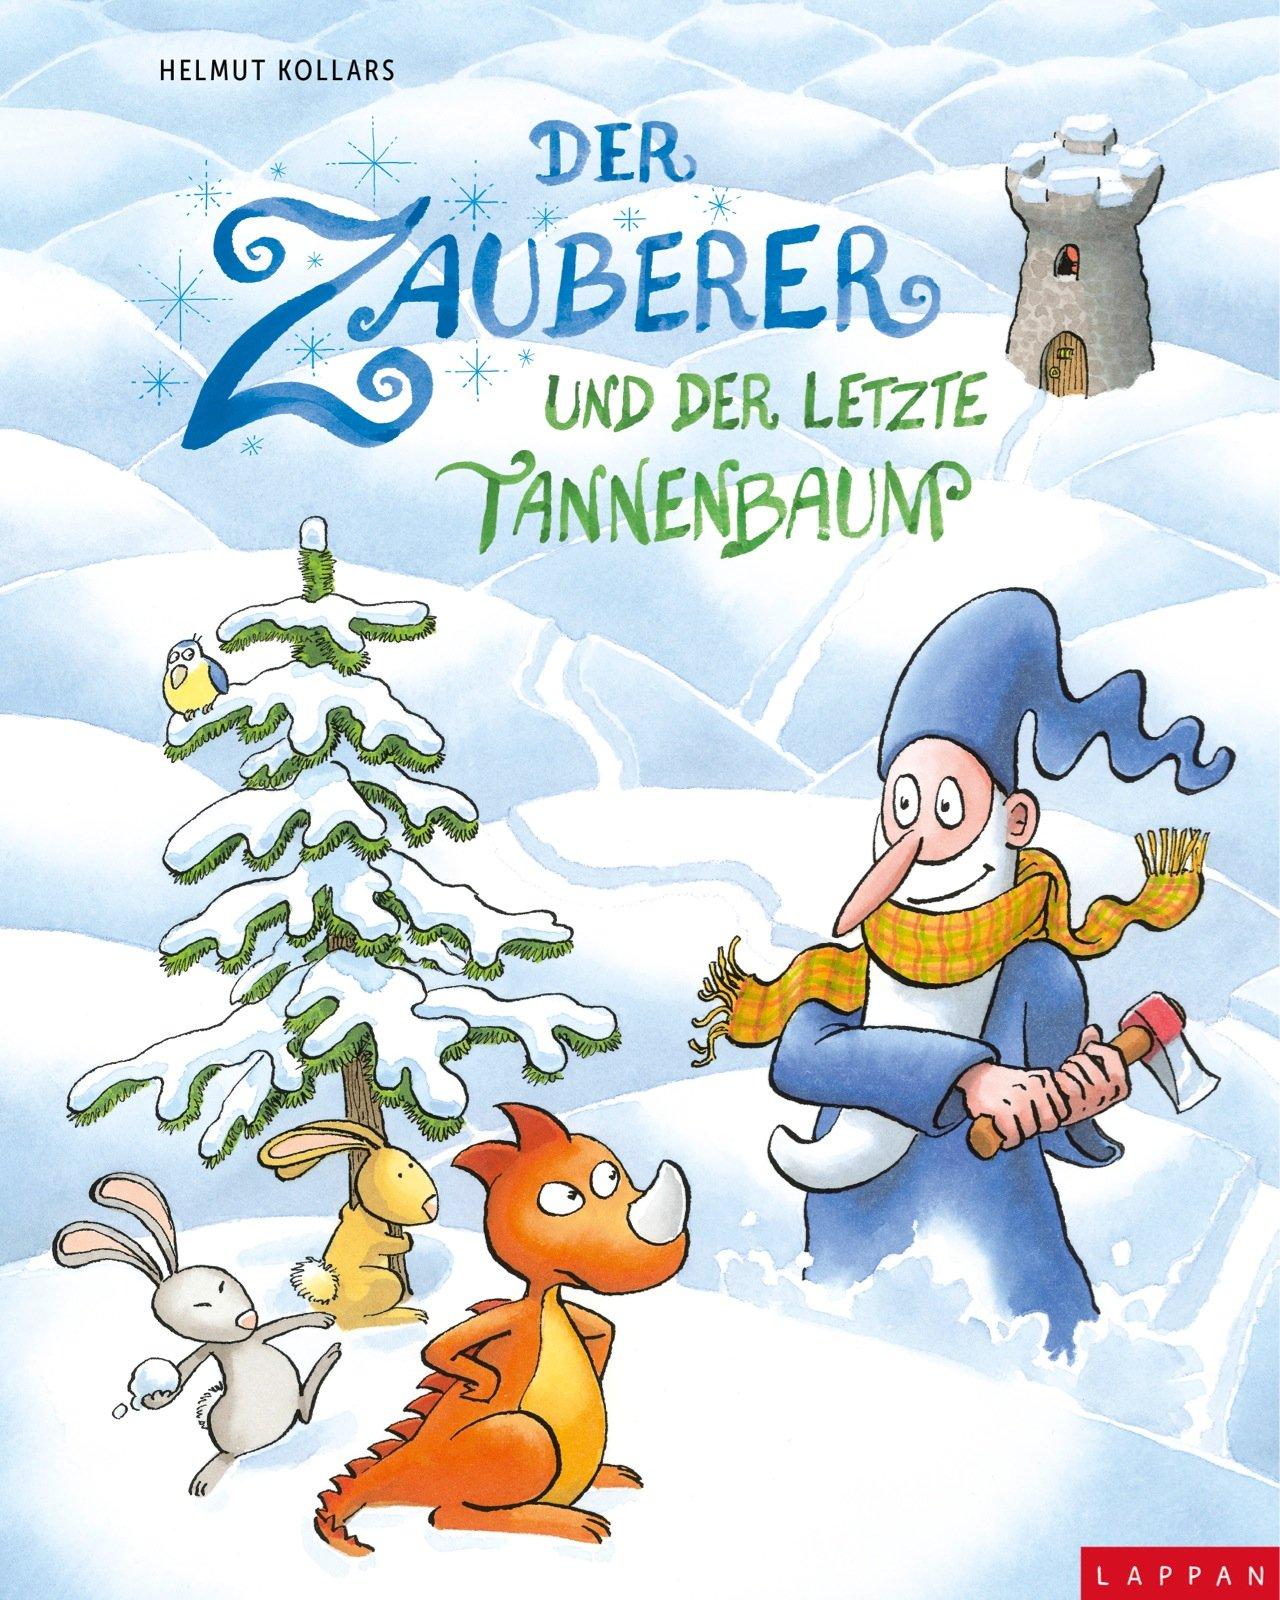 Bilderbuch Tannenbaum.Der Zauberer Und Der Letzte Tannenbaum Amazon De Helmut Kollars